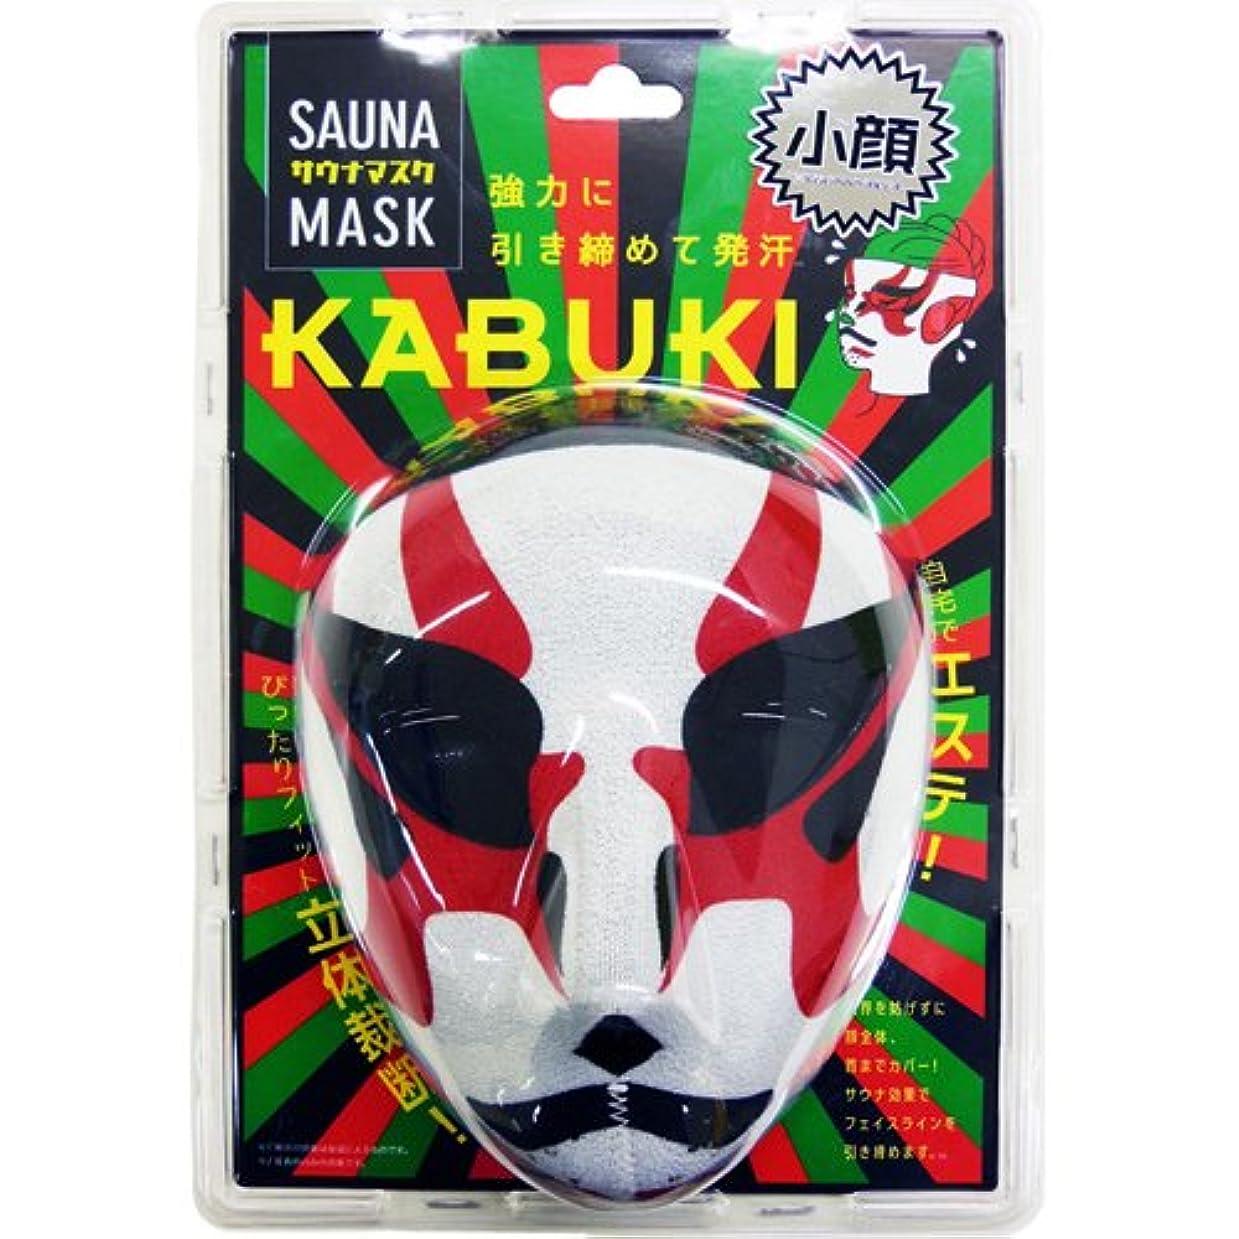 アッパーやさしく頭痛コジット サウナマスク KABUKI (1個)